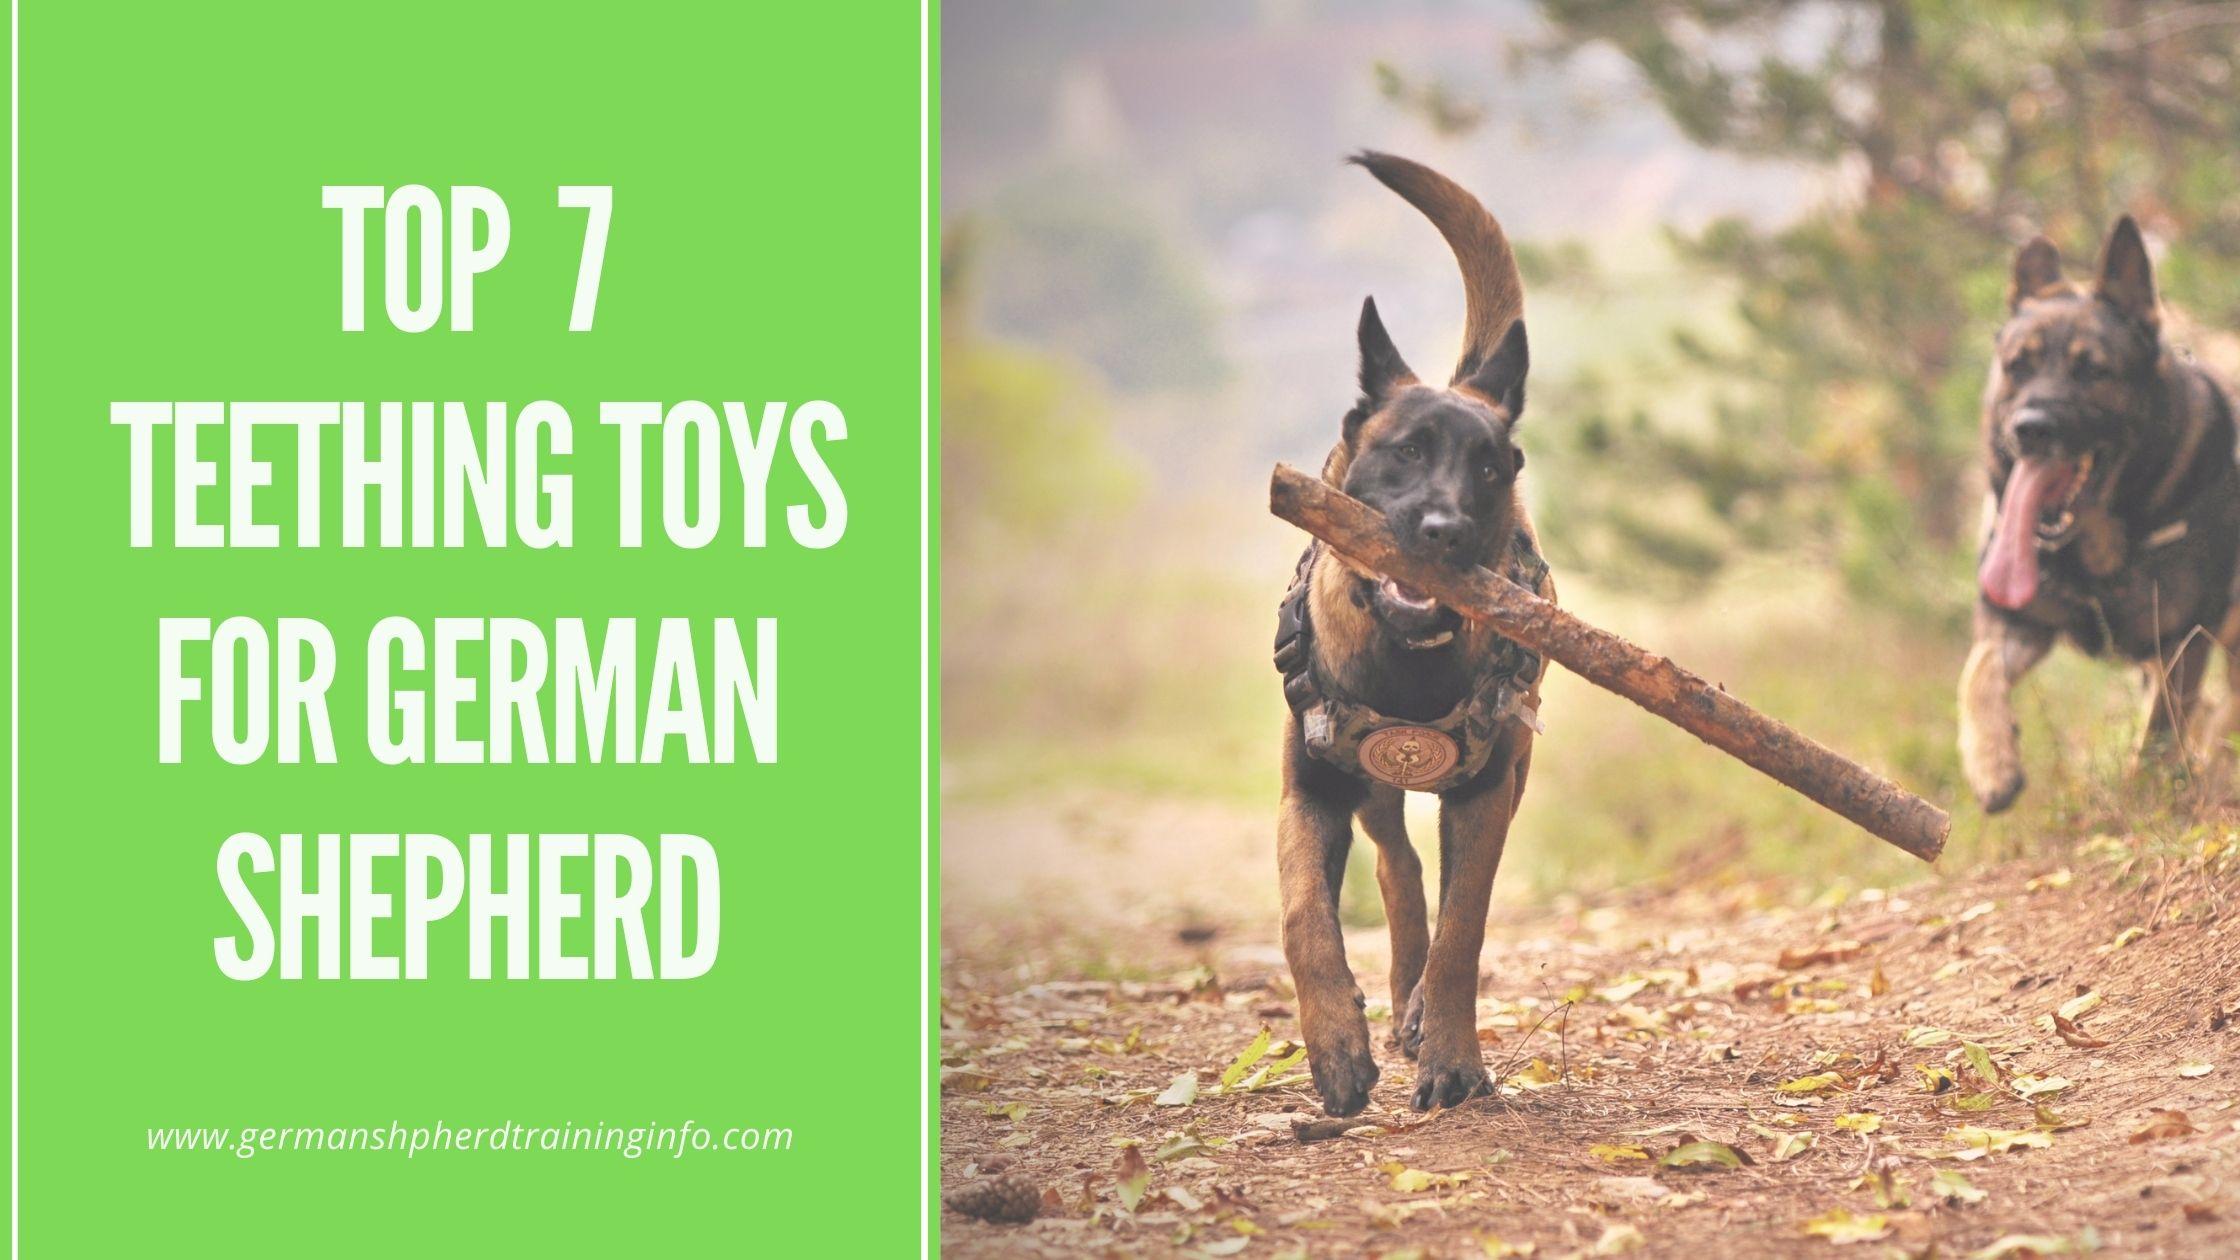 List of top 7 teething toys for german shepherd dogs